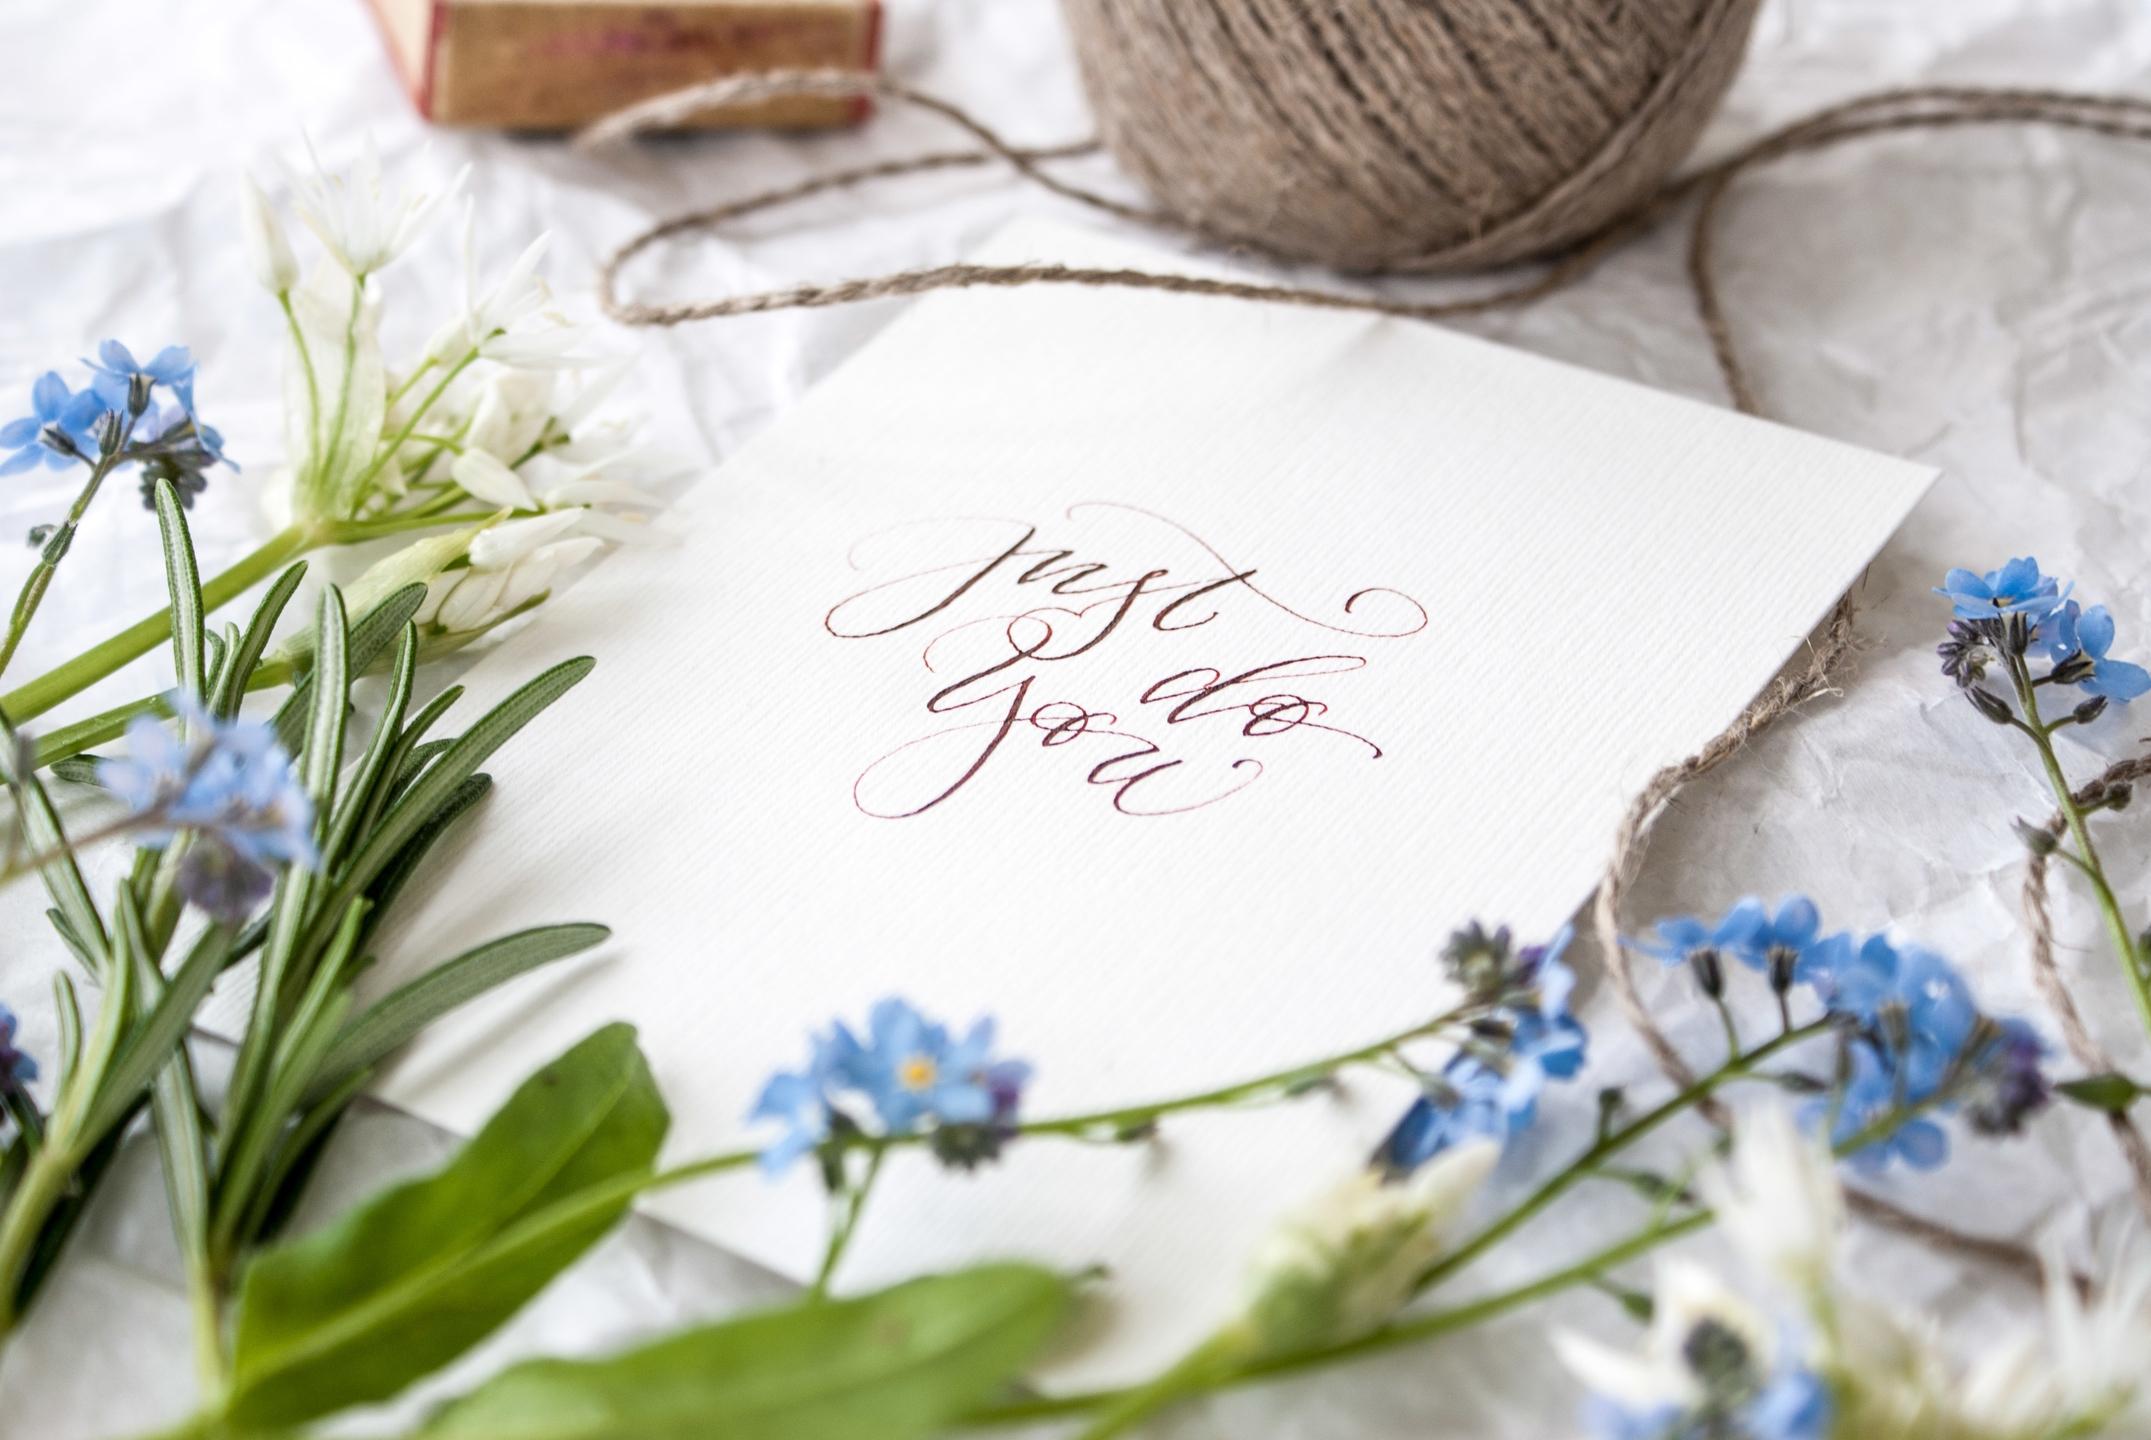 Kalligrafie mit Liebe (@kalligrafiemitliebe) Cover Image